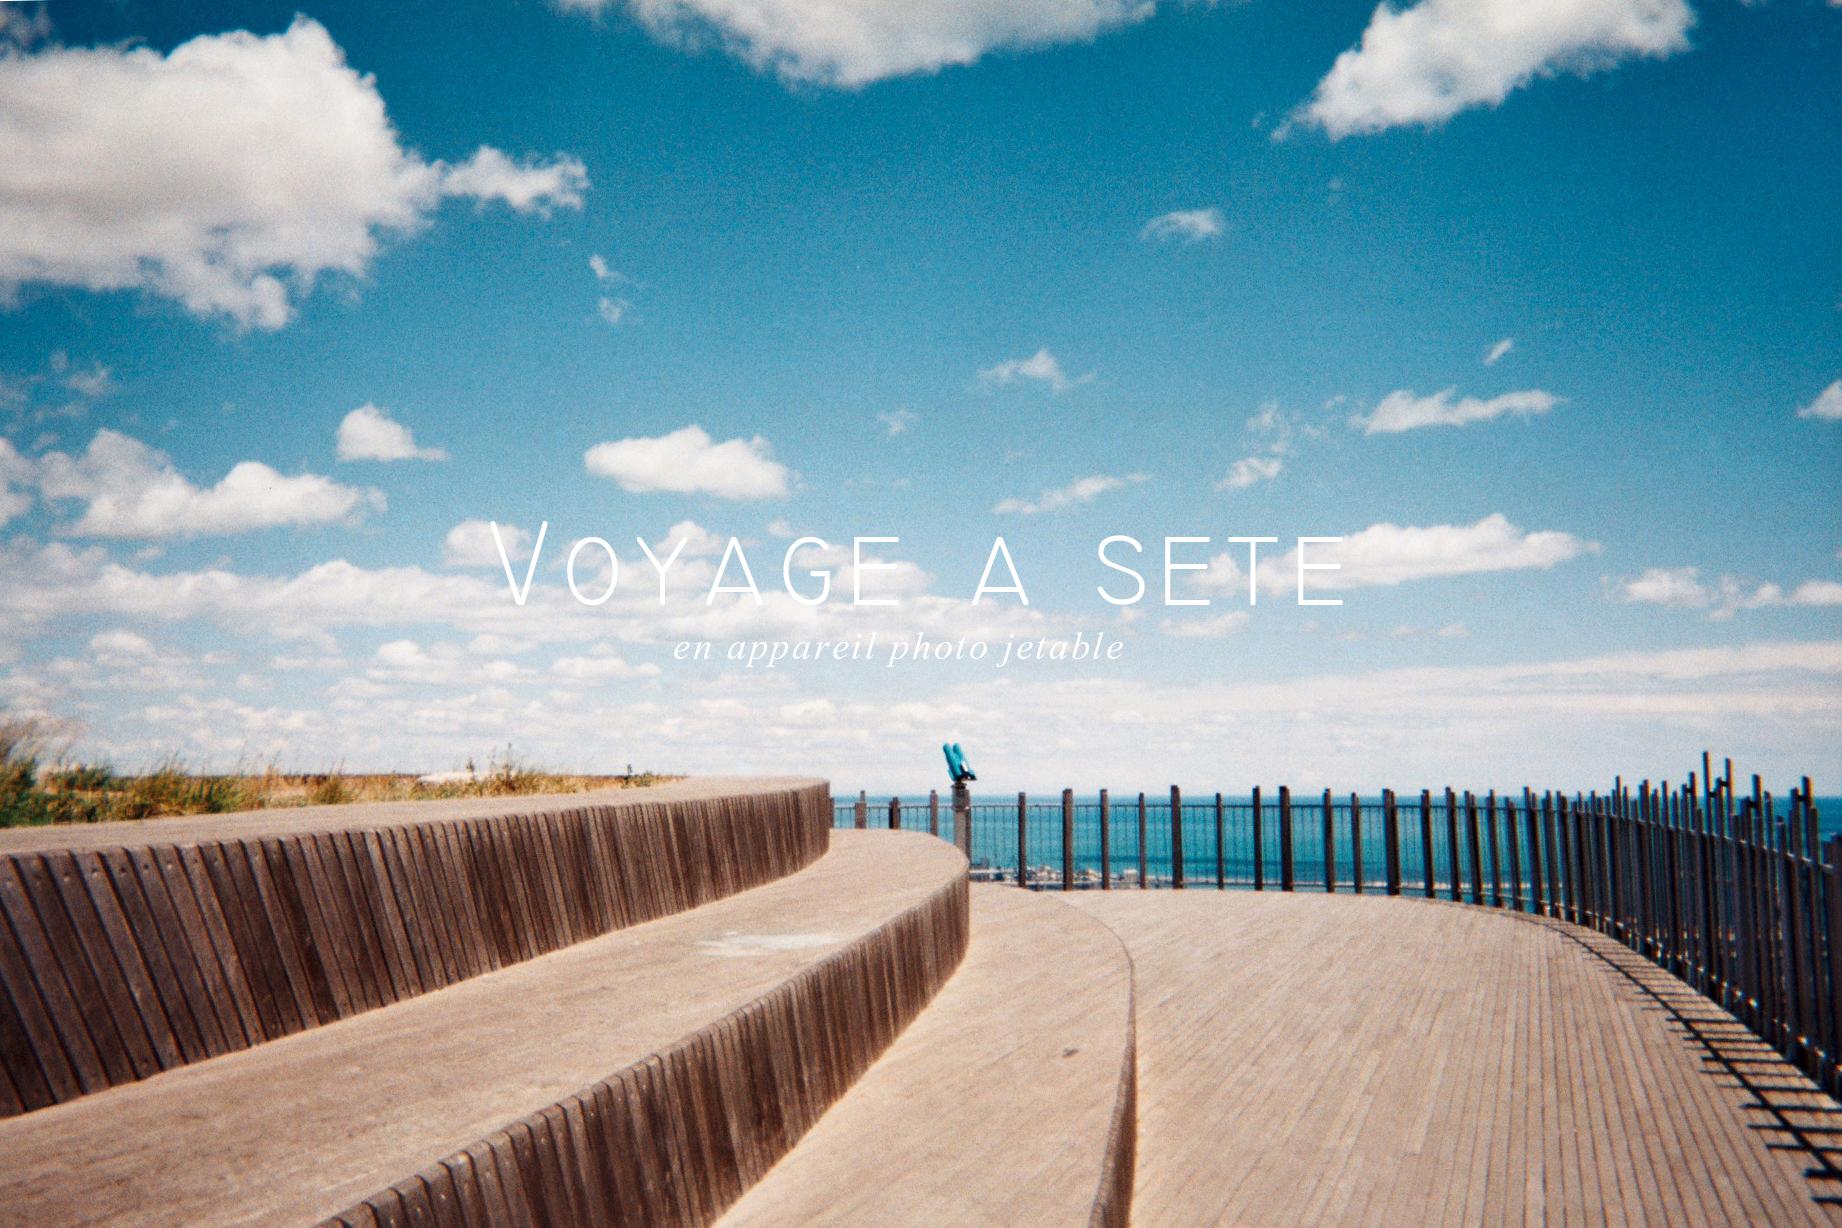 carnet-voyage-sete-france-mediterranée-appareil-photo-jetable-by-le-polyedre visuel